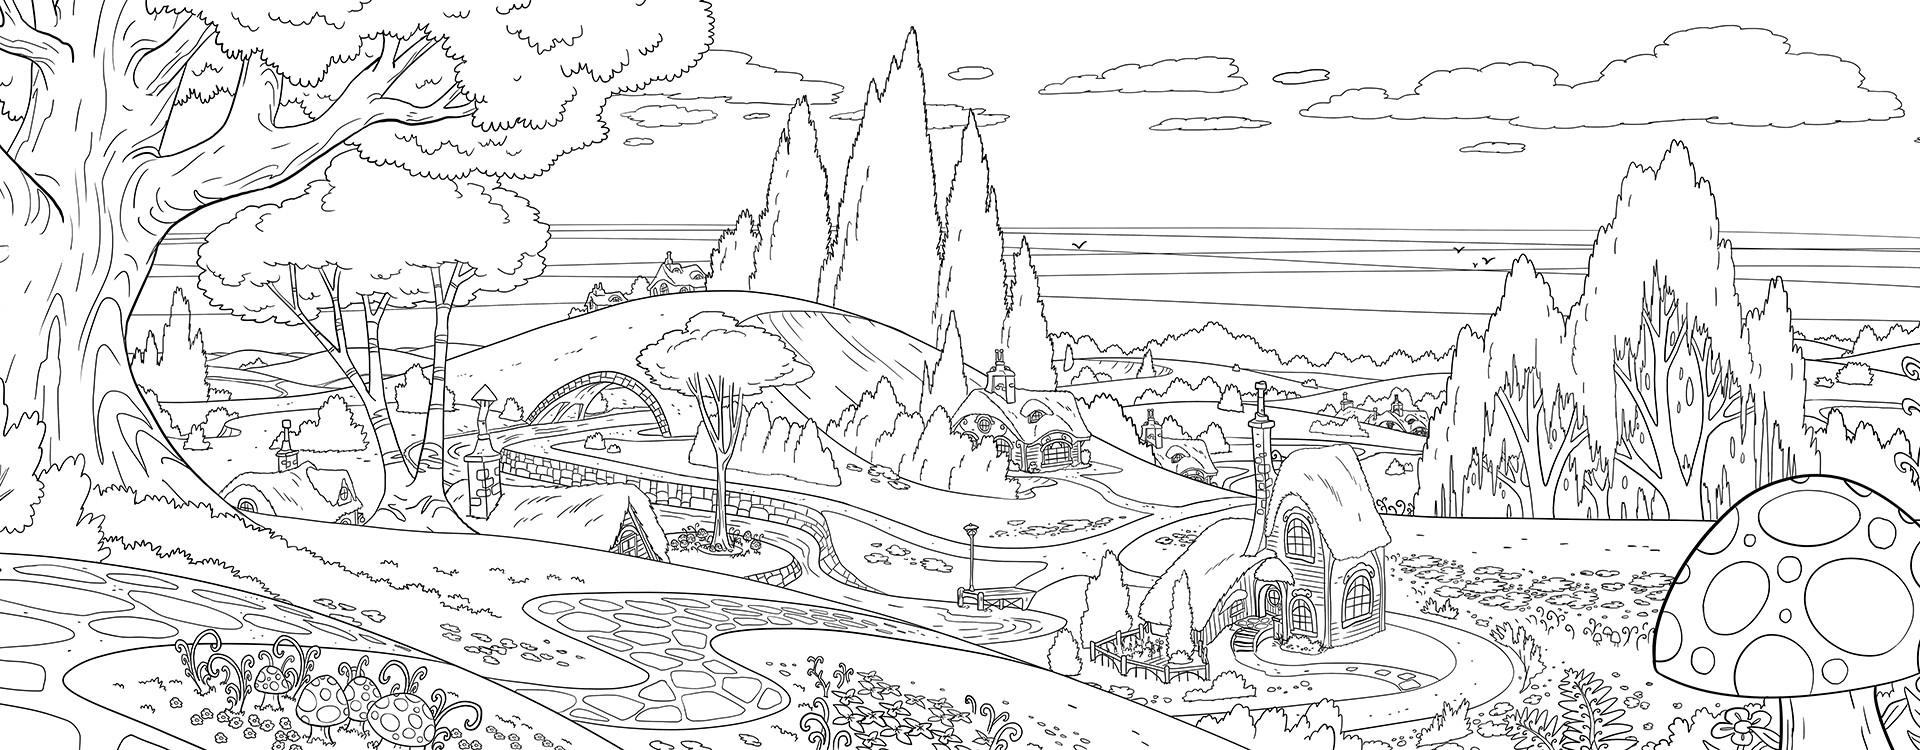 Fairytale Countryside